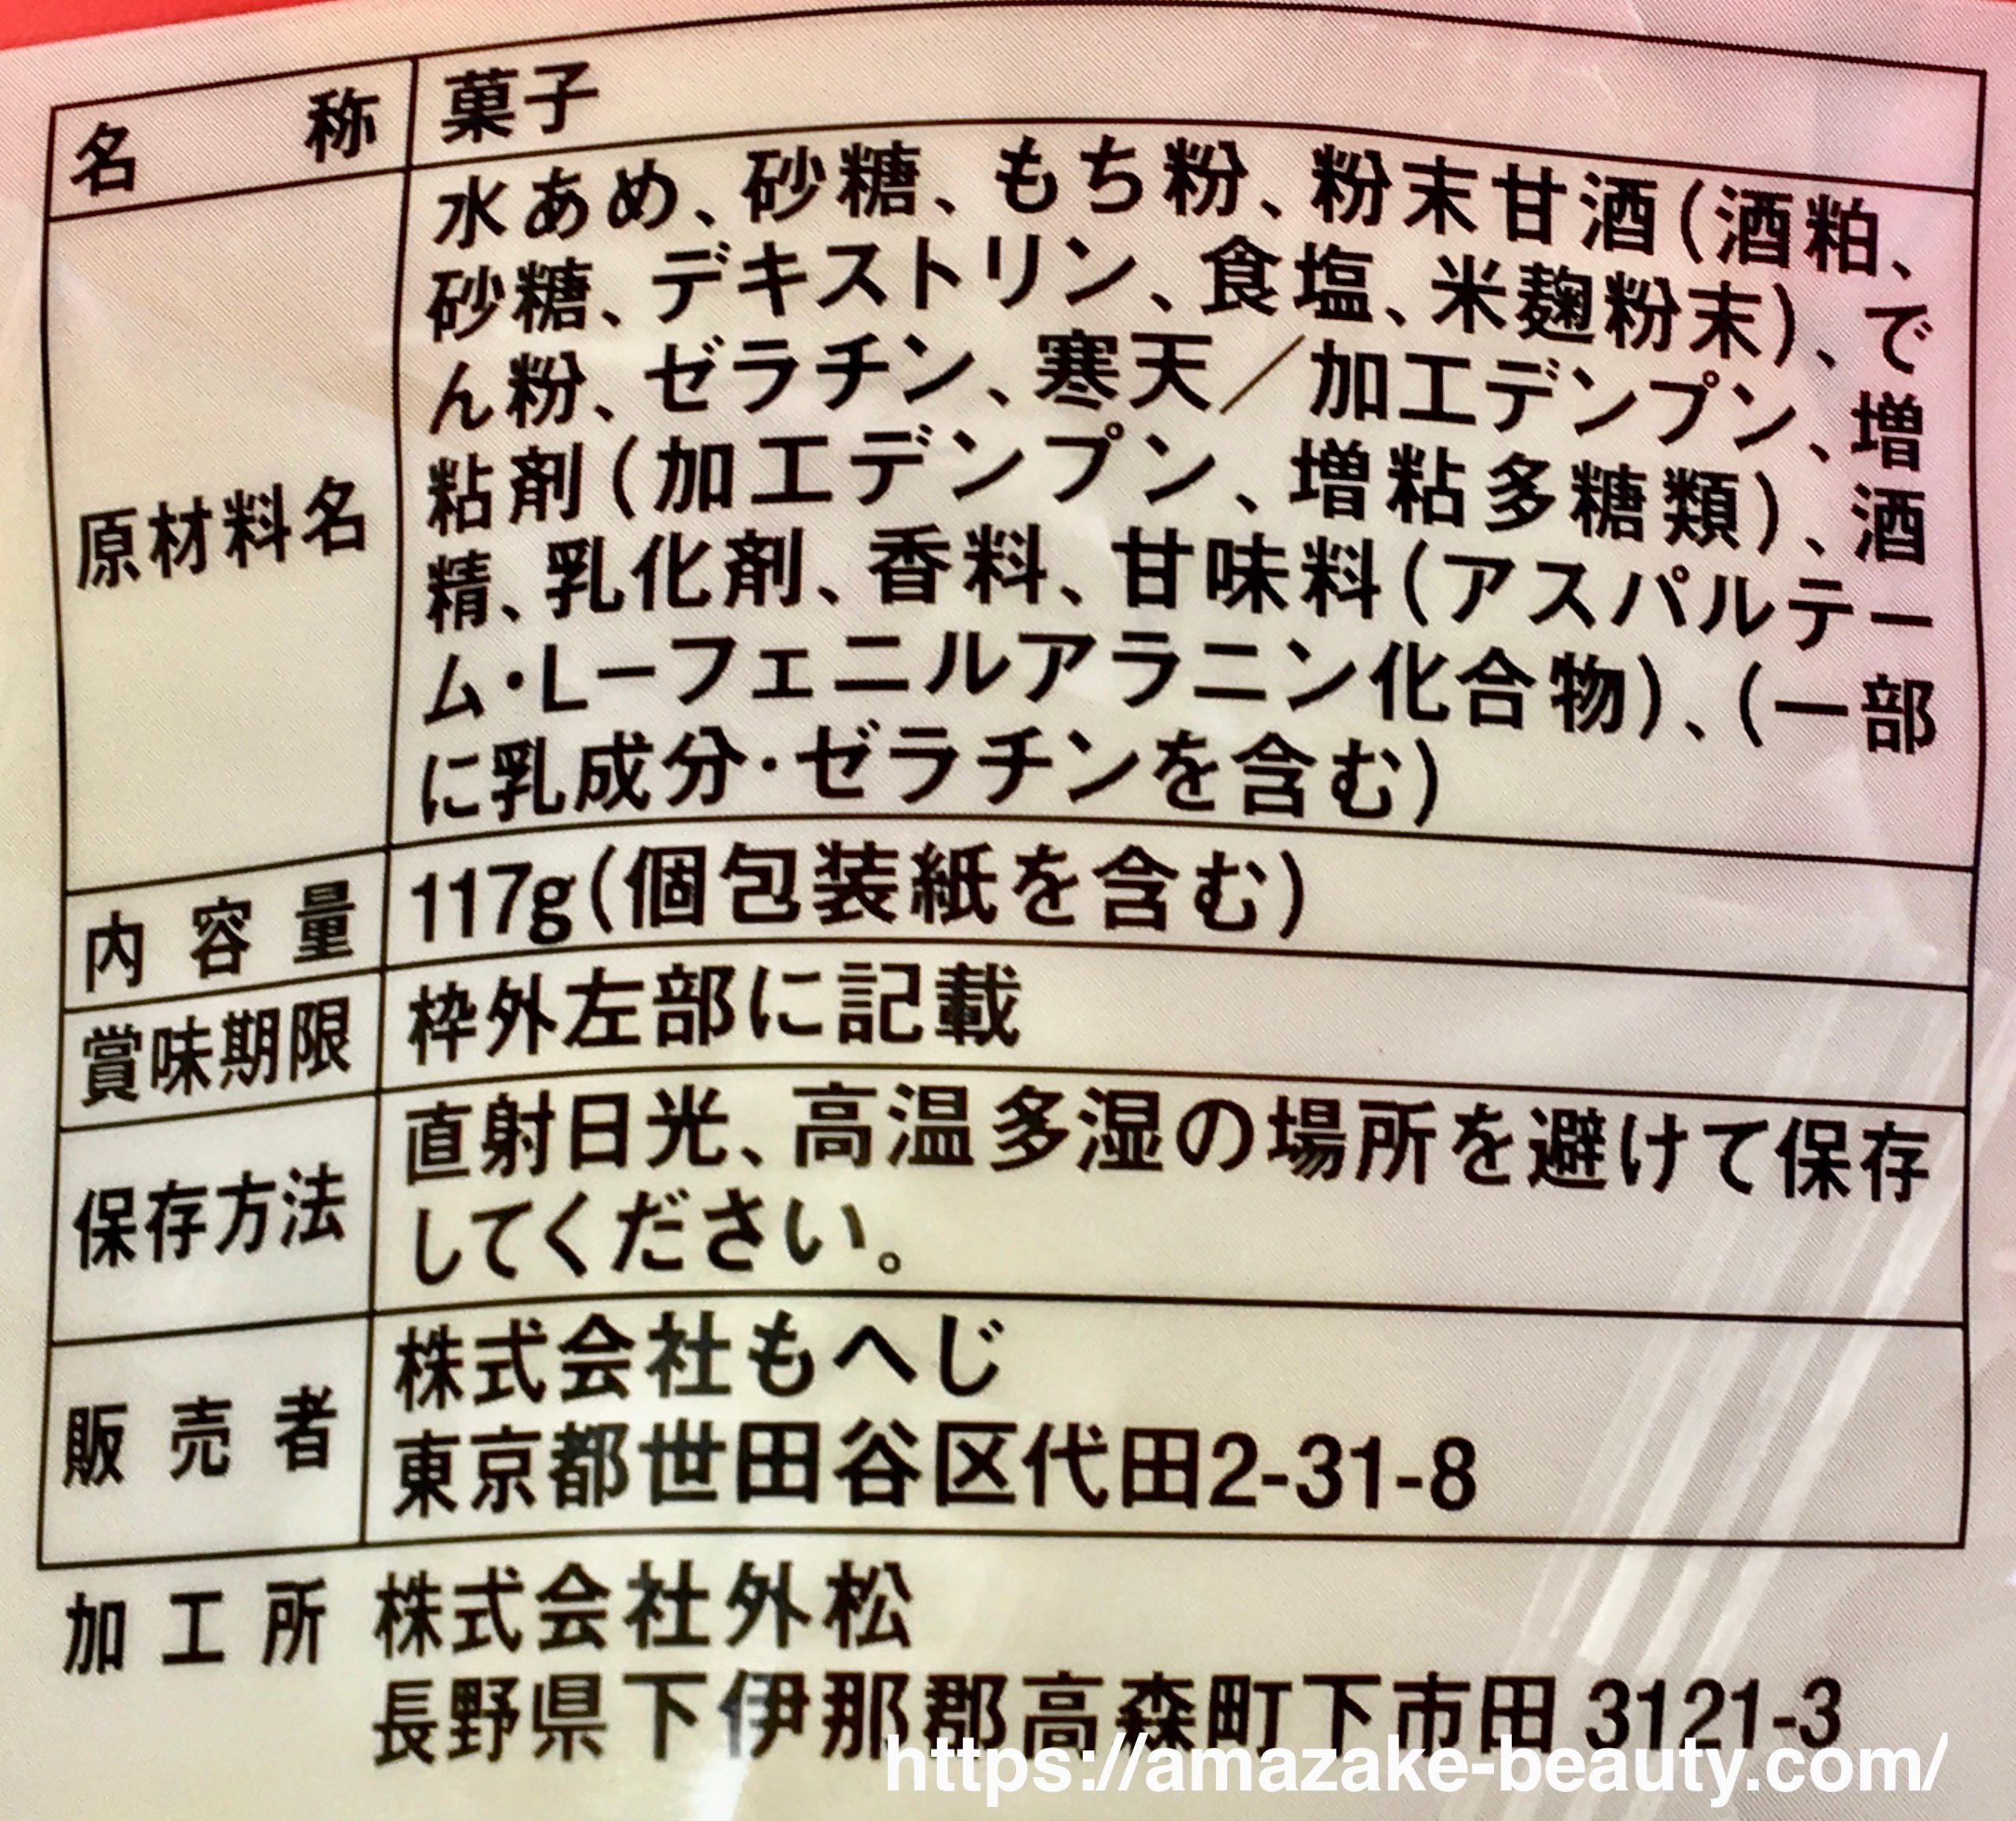 【甘酒甘味】もへじ『甘酒もち』(商品情報)